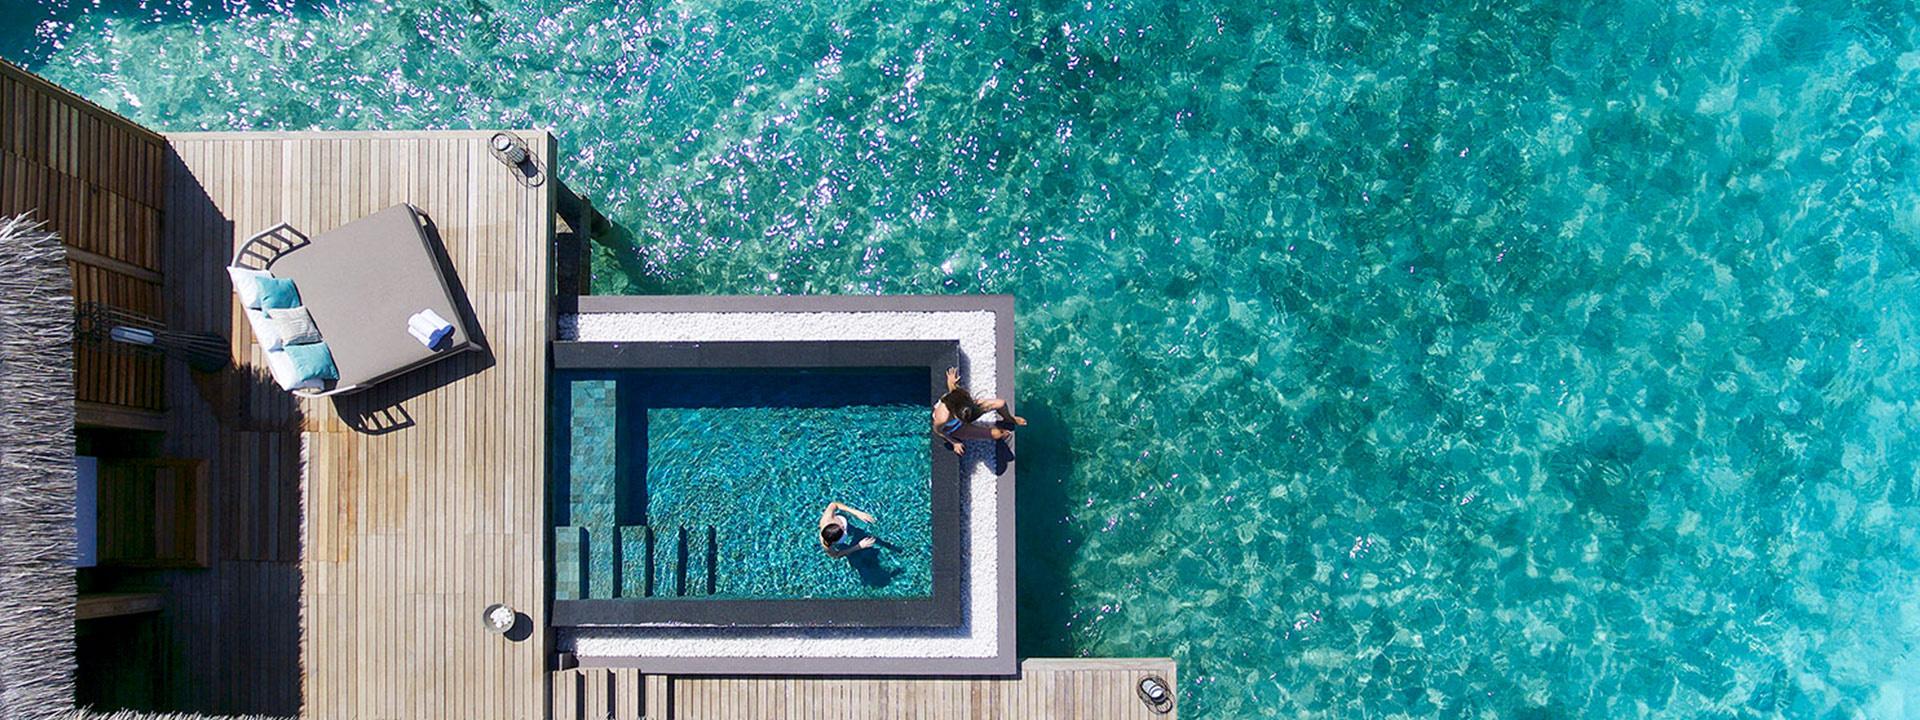 马尔代夫瓦卡鲁度假岛亲子家庭出行的首选度假村